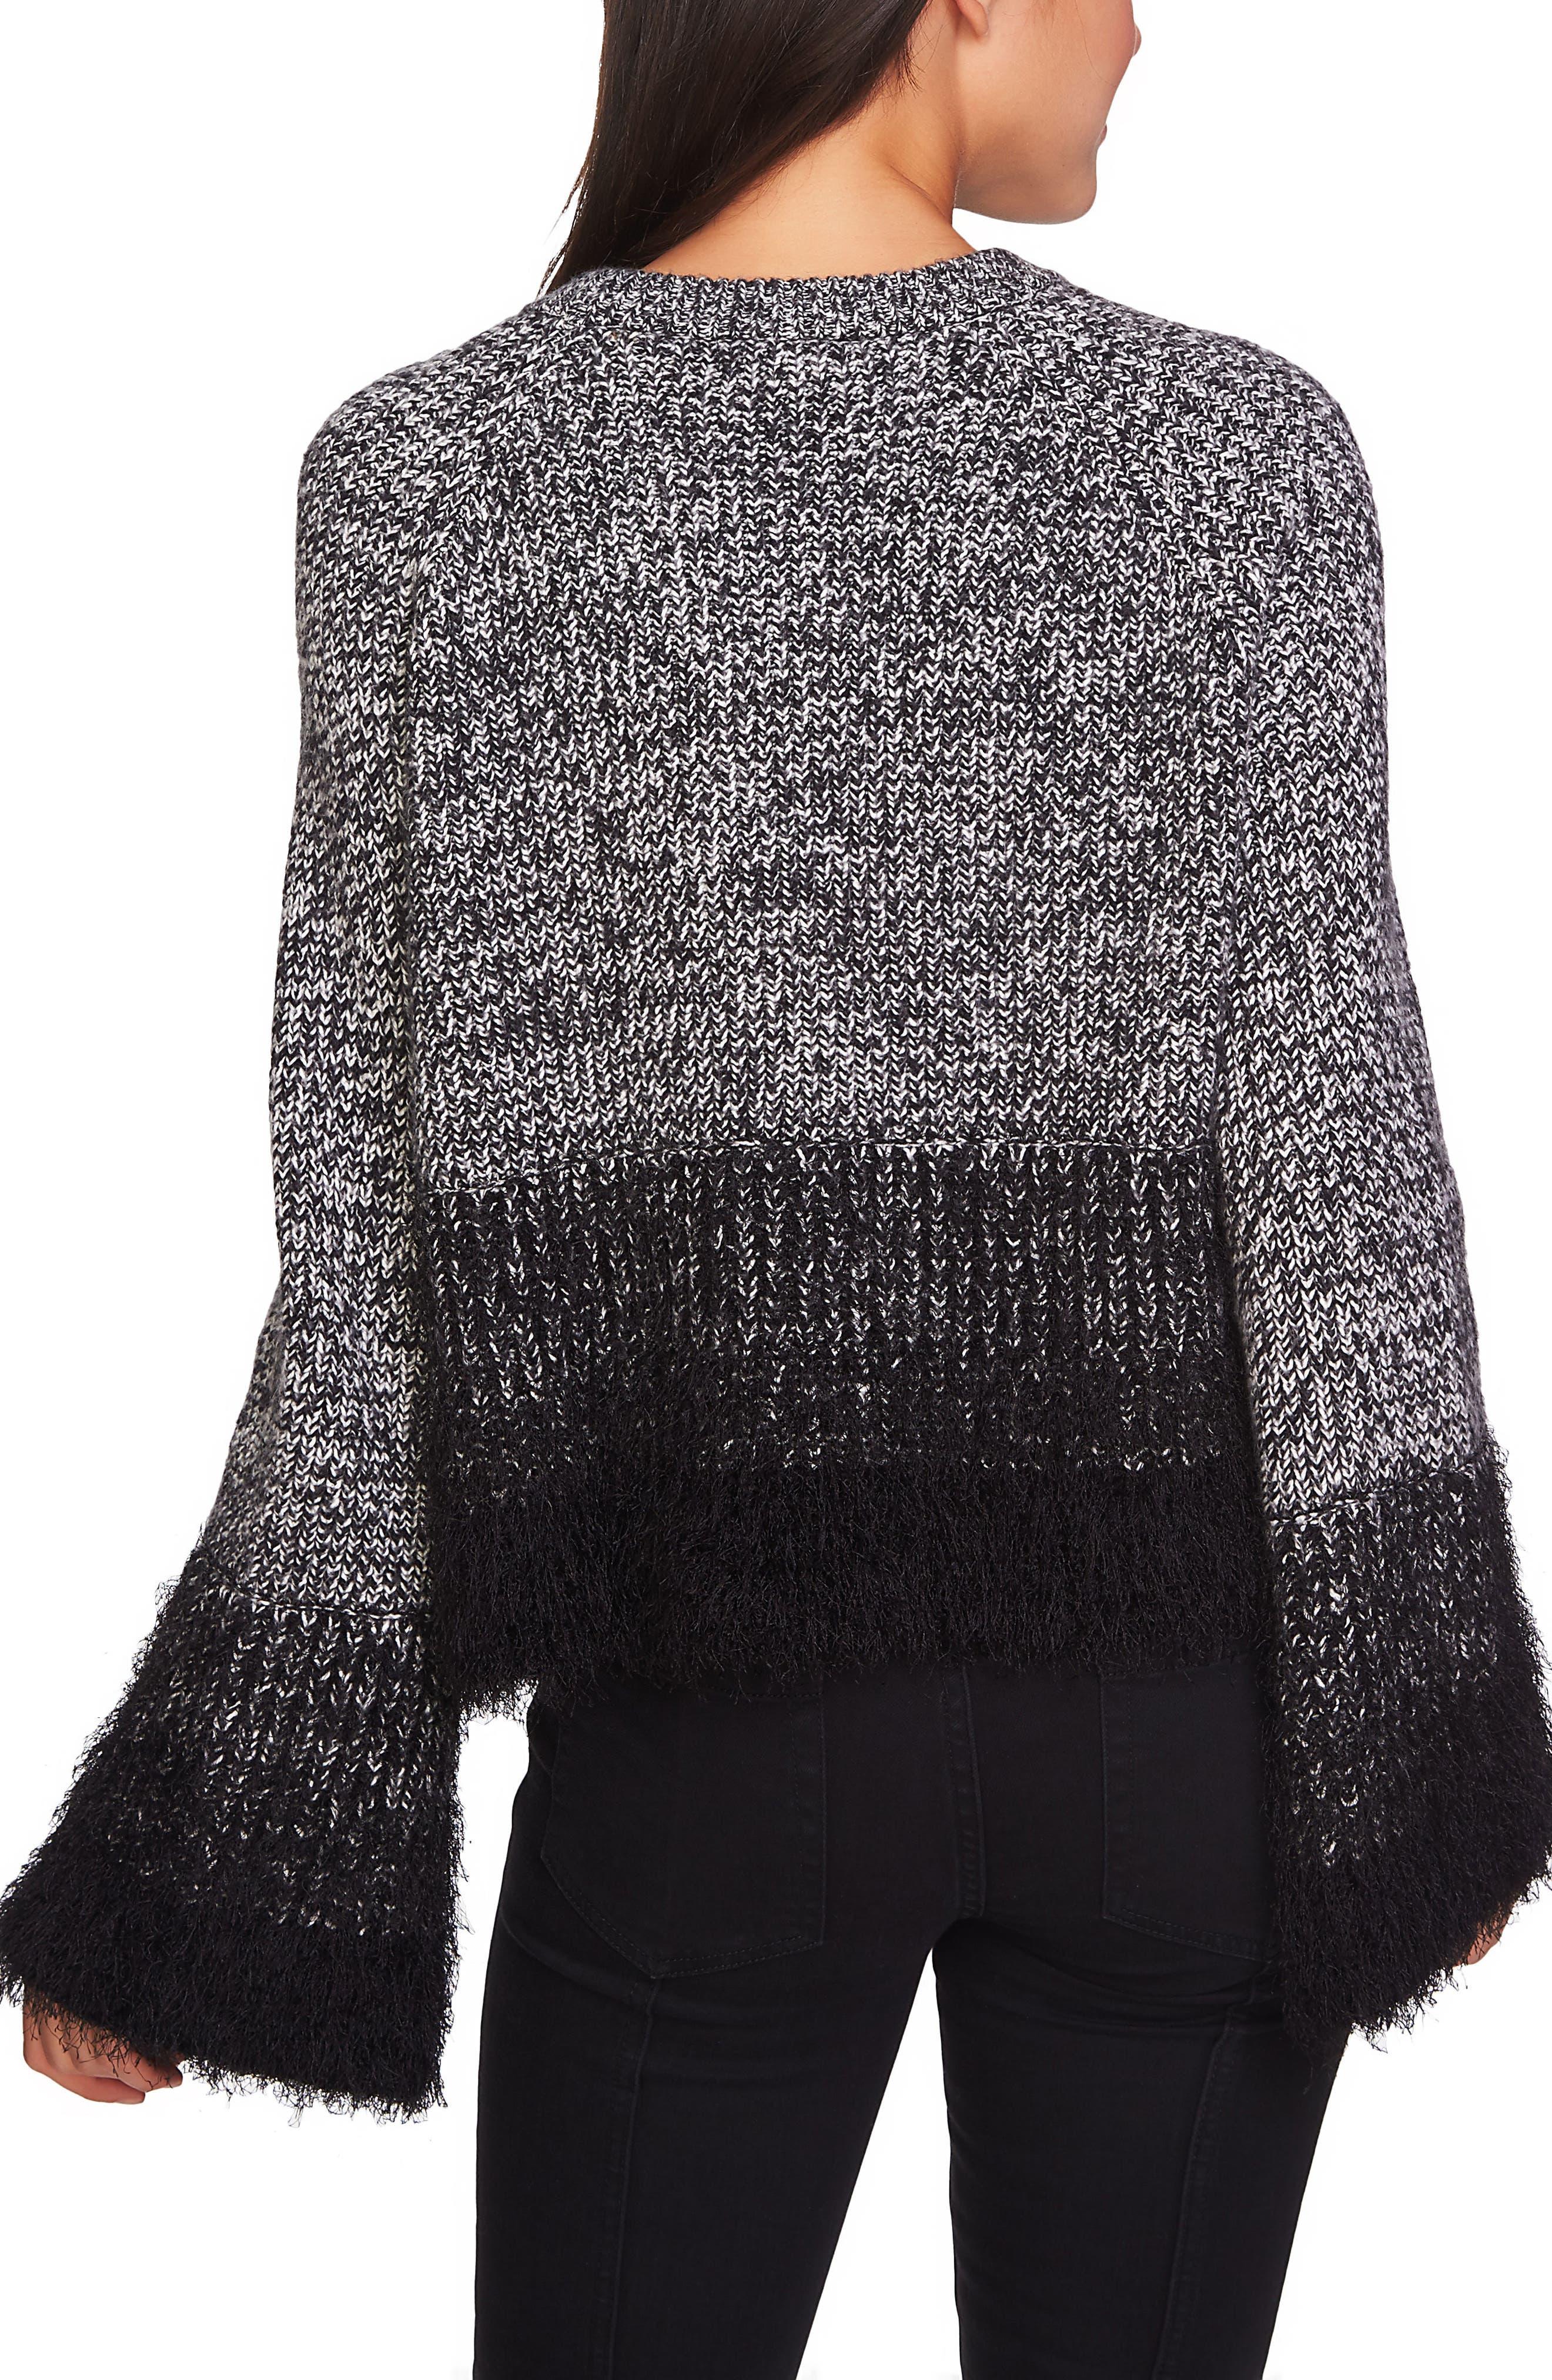 Eyelash Fringe Sweater,                             Alternate thumbnail 2, color,                             006